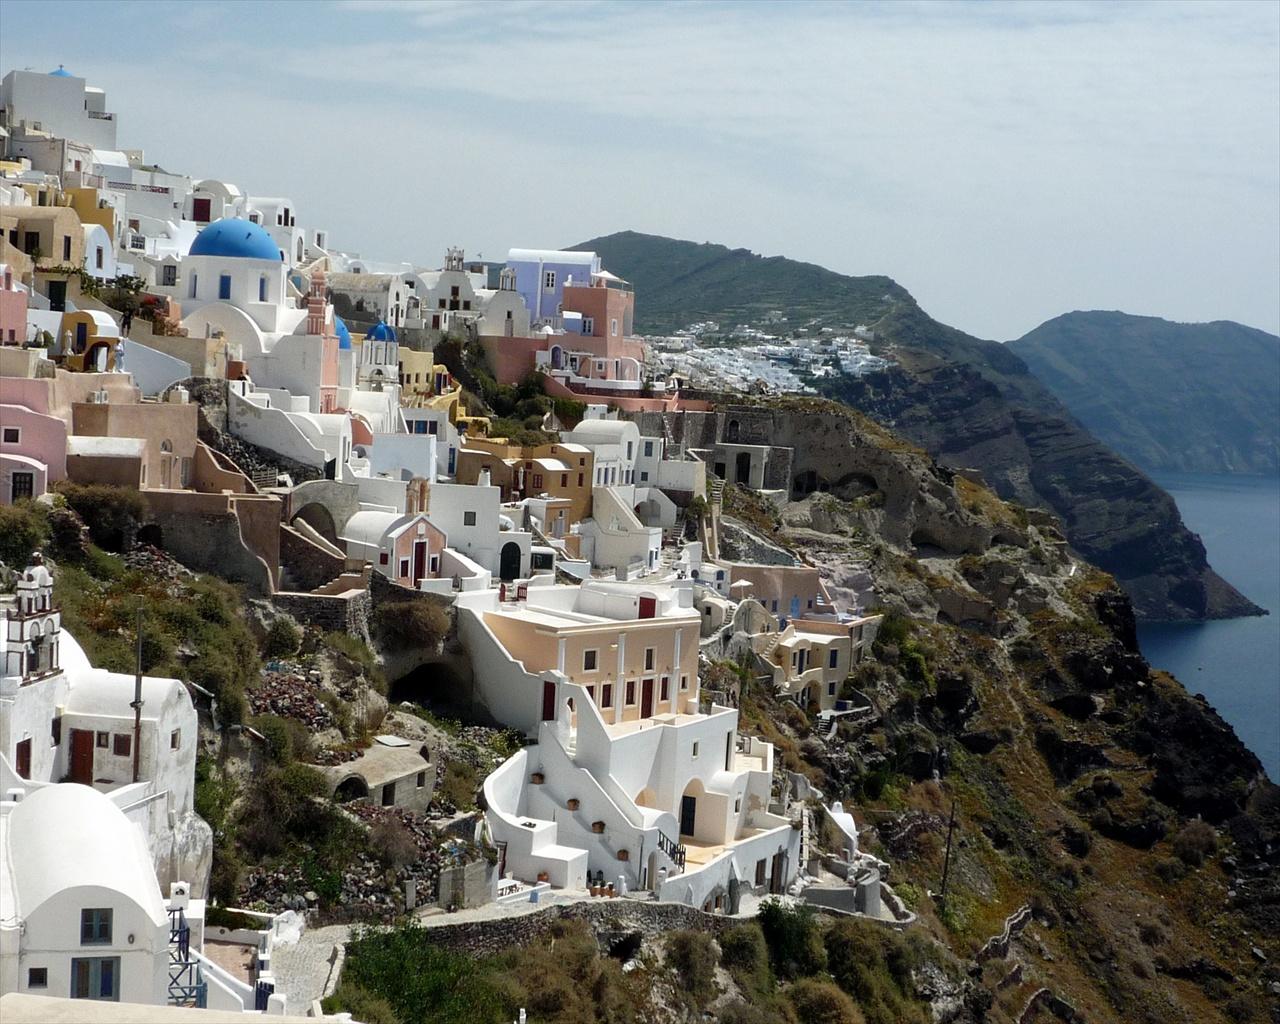 ヨーロッパ無料壁紙 町並み風景写真 1280x1024